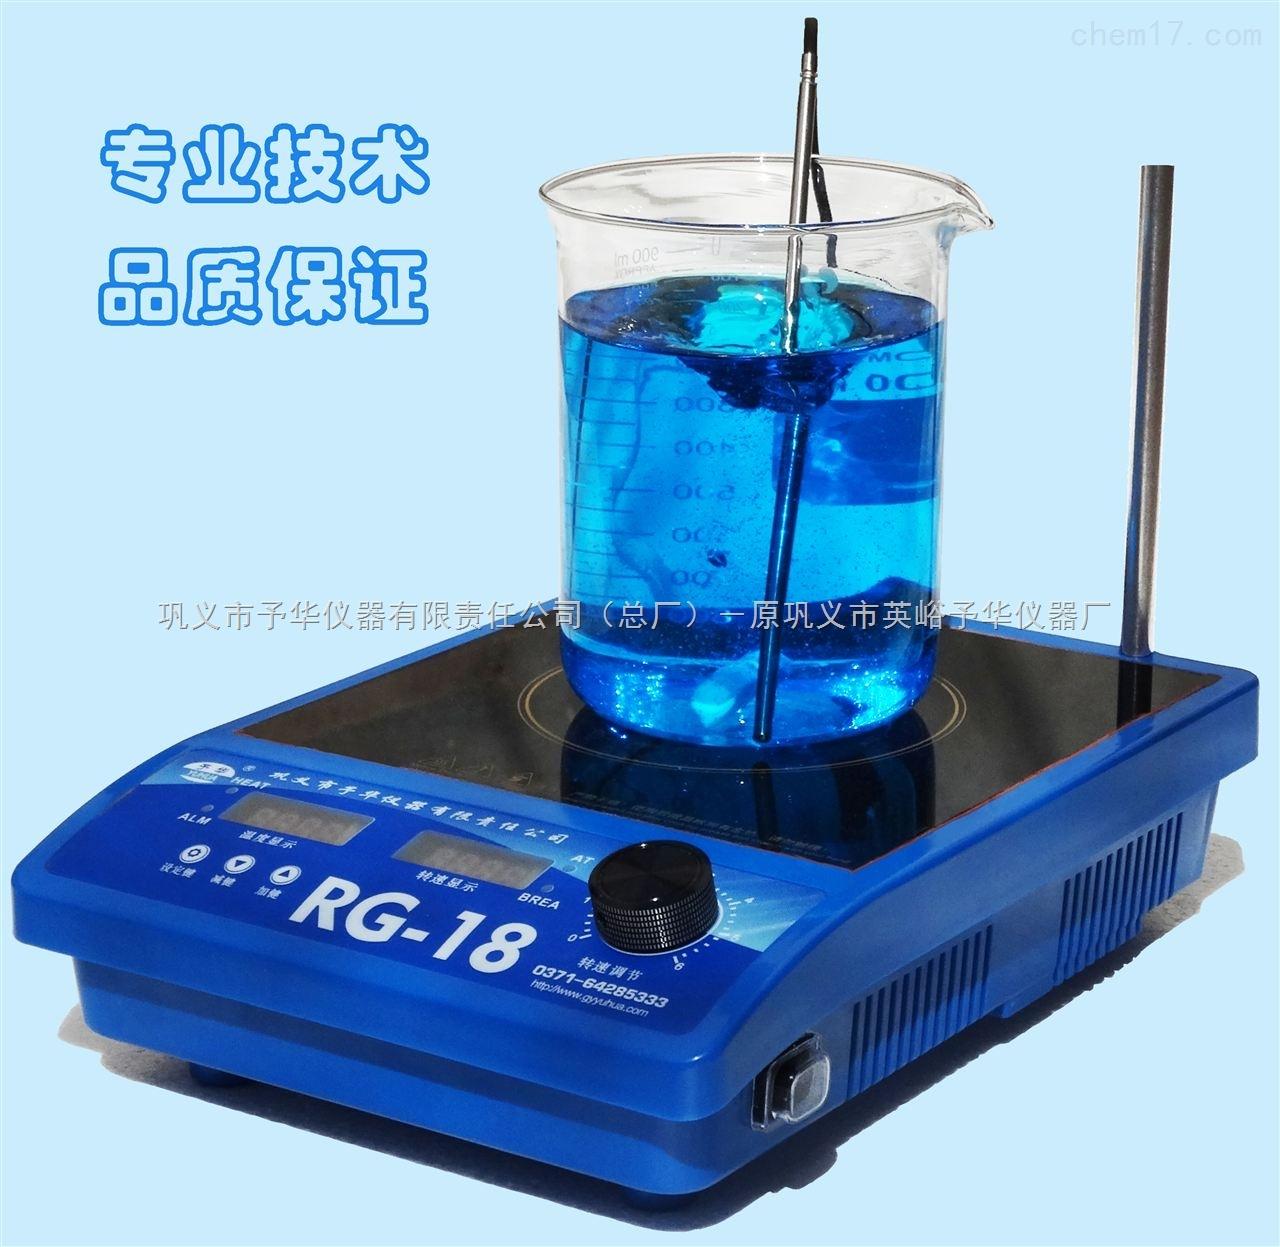 (巩义予华)RG-18恒温磁力搅拌器